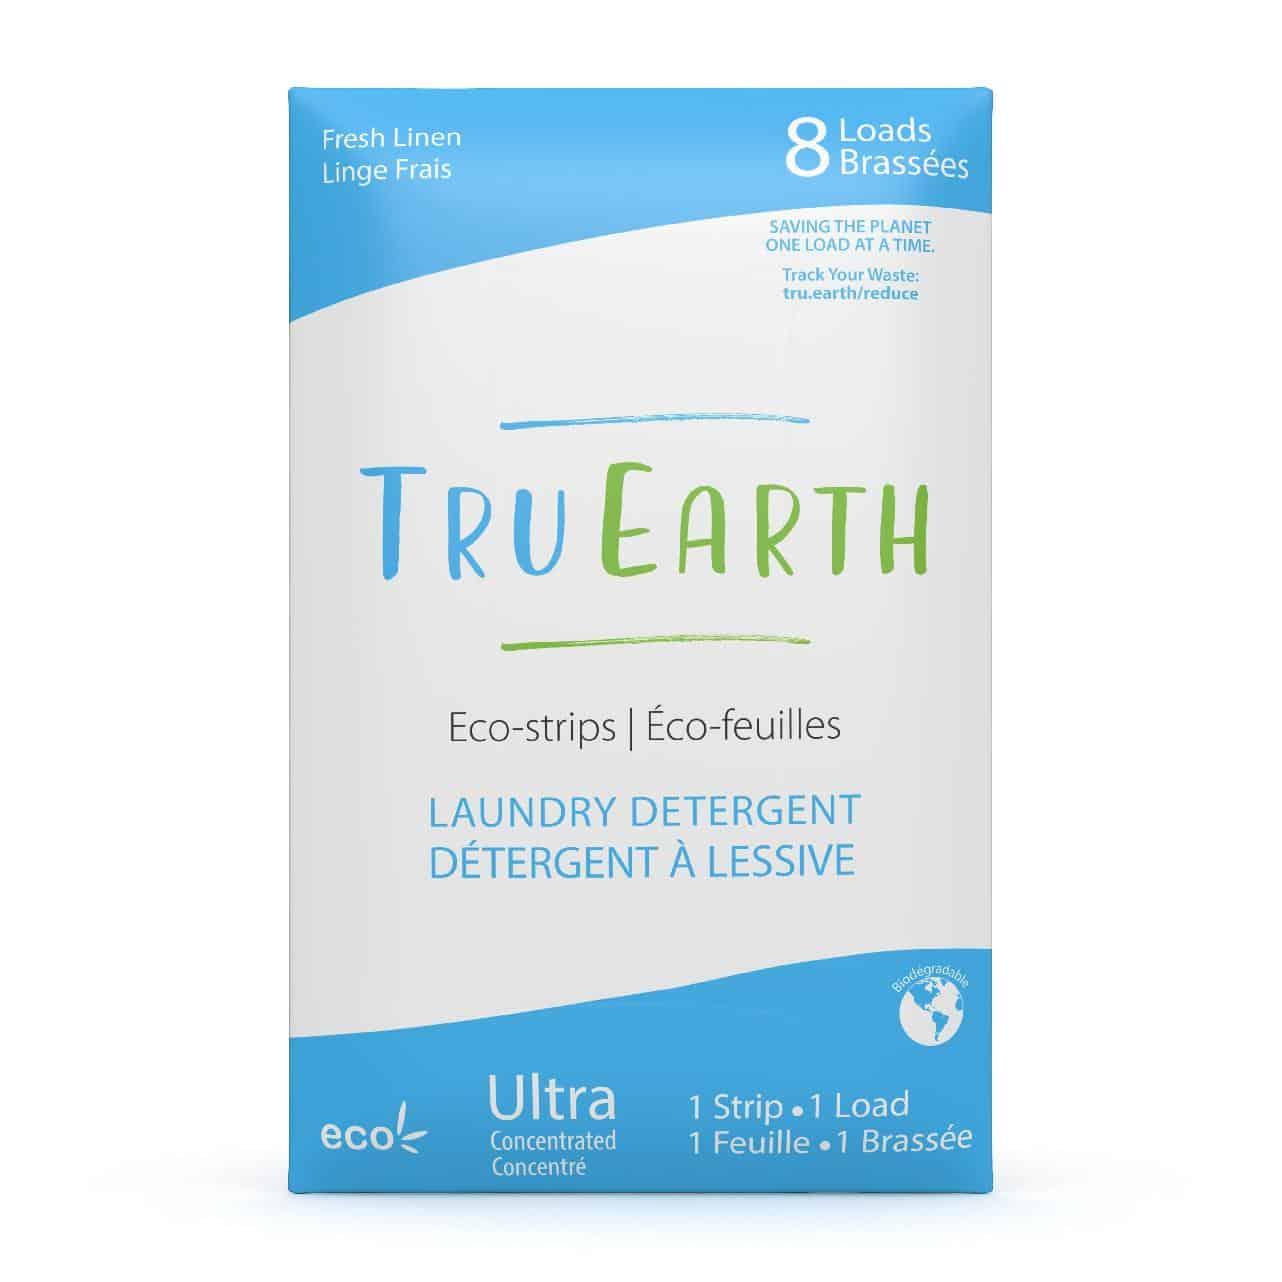 Tru Earth - Tru Earth Eco-strips Laundry Detergent (Fresh Linen) – 8 Loads | NOW: $9.95